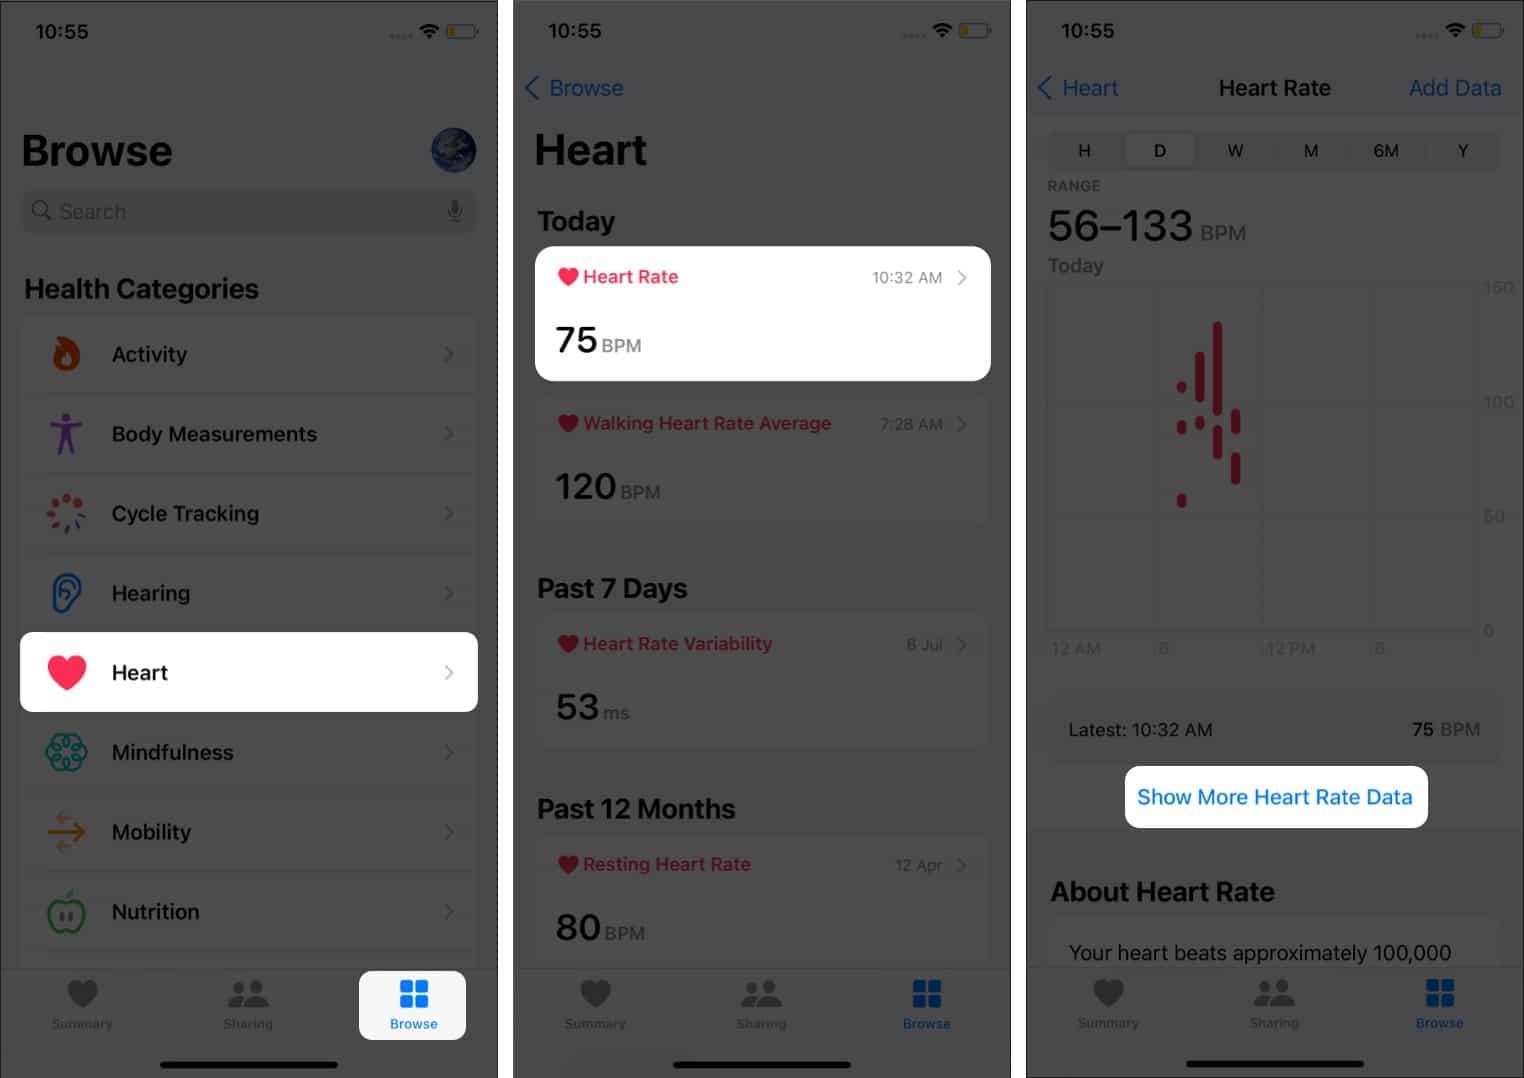 Смотрите частоту пульса во время дыхательных сессий на iPhone